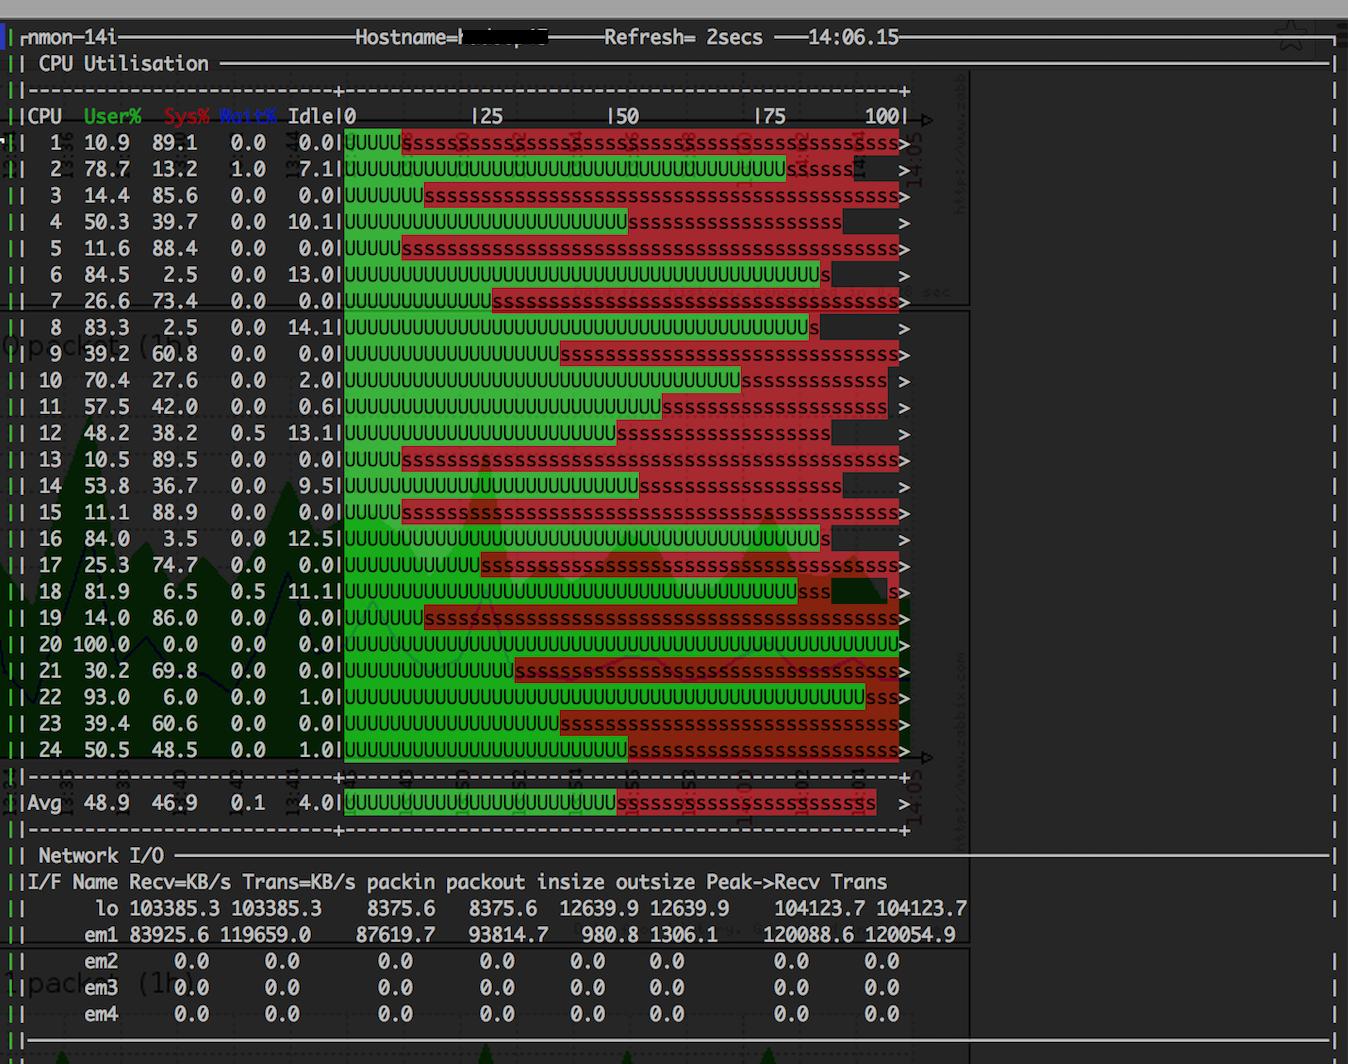 hadoop_A节点上某一时刻瞬时的负载状态